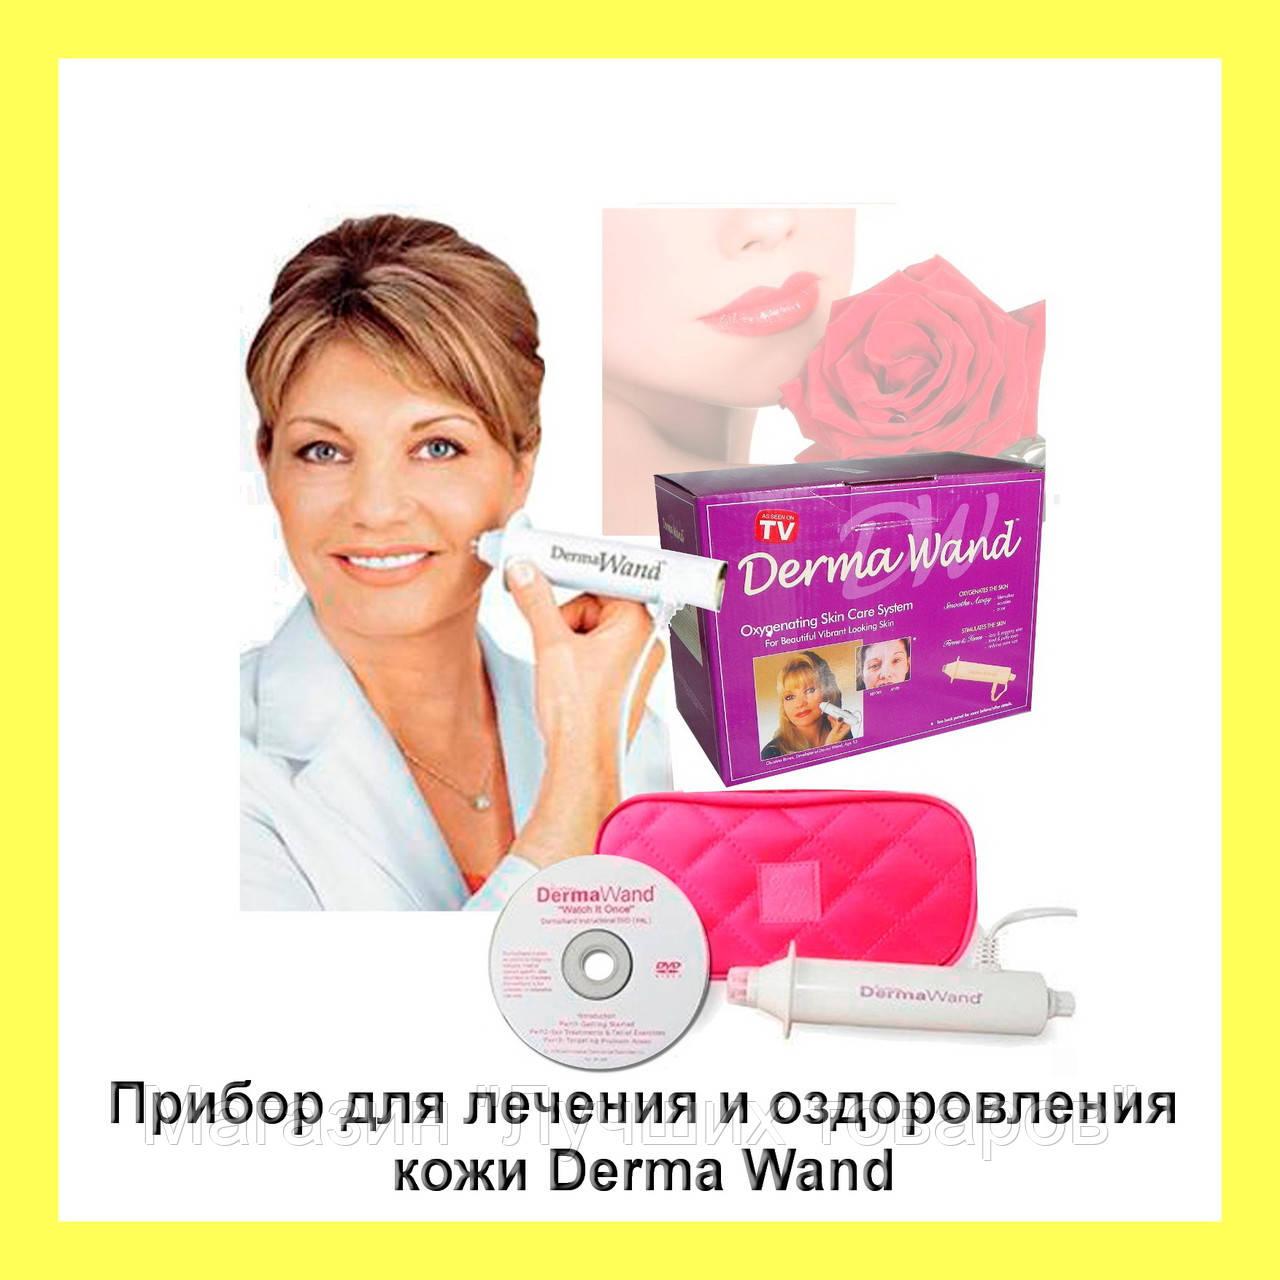 """Прибор для лечения и оздоровления кожи Derma Wand - Магазин """"Лучших товаров"""" в Броварах"""